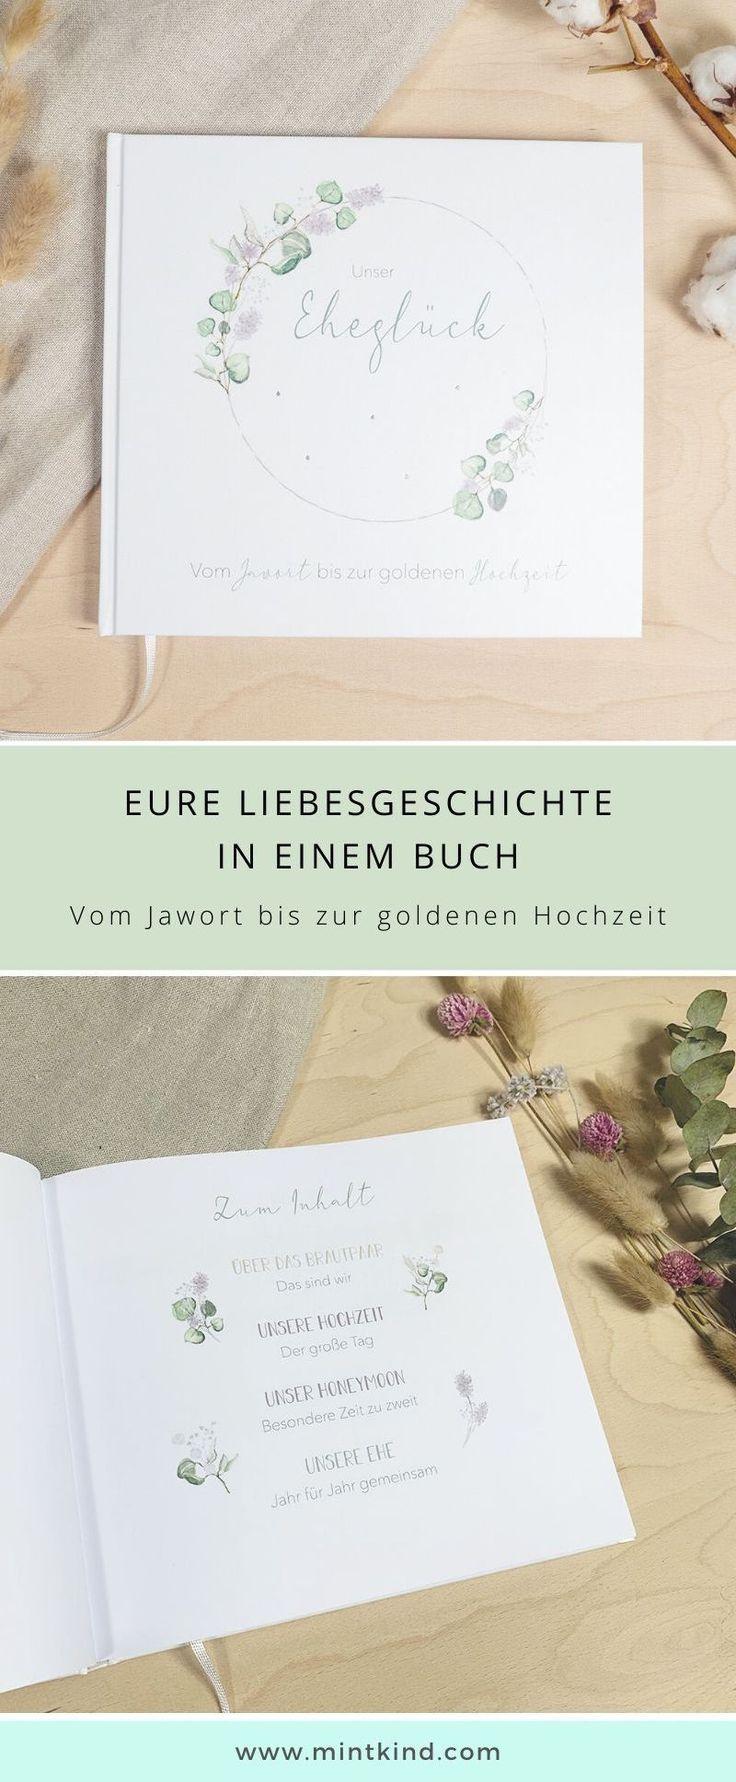 Mintkind Unser Ehegluck Erinnerungsbuch An Gemeinsame Ehejahre In 2020 Geschenk Hochzeit Ehejahr Hochzeitsbuch